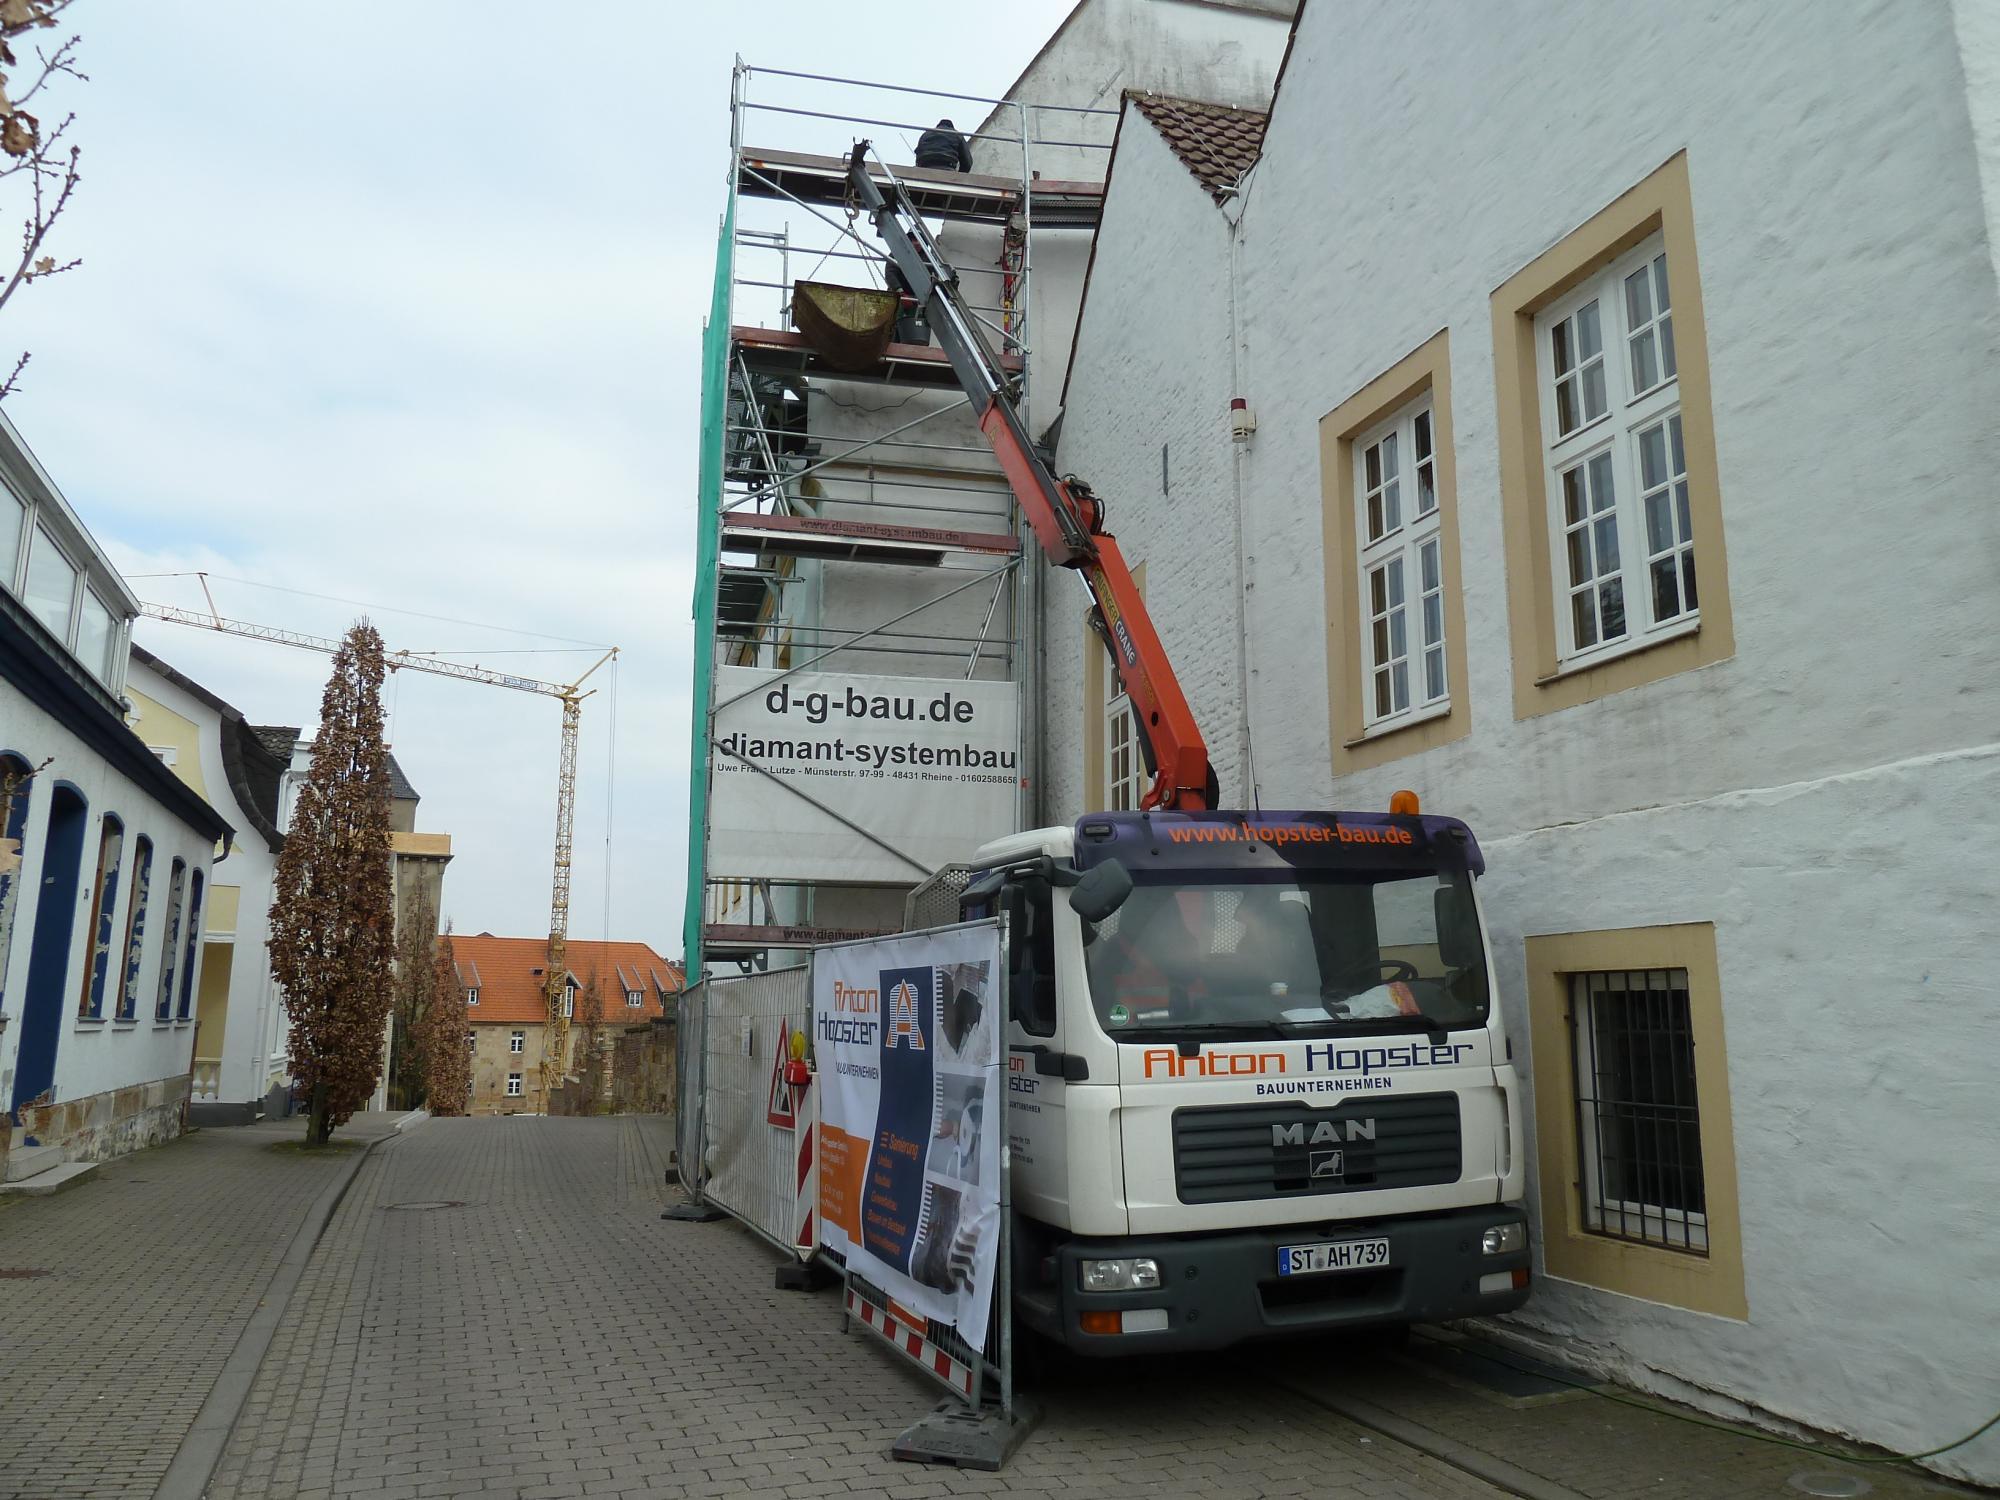 Bauunternehmen Rheine sanierung falkenhof rheine bauunternehmen hopster anton hopster